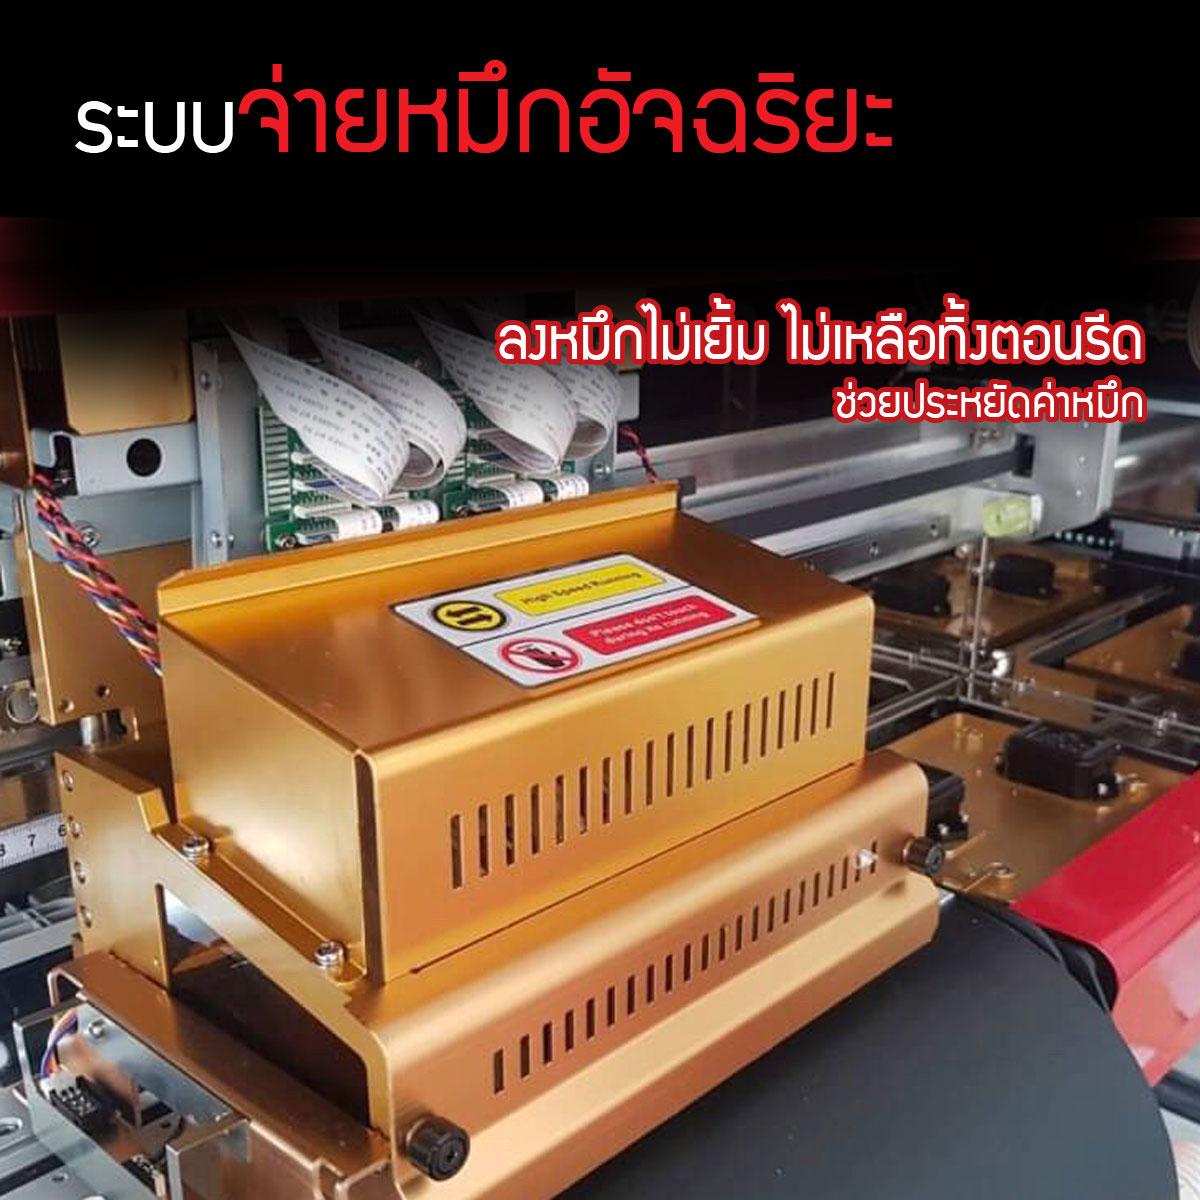 หัวพิมพ์, pro printer, print head, เครื่องพิมพ์ซับ, เครื่องสกรีน, โปร ปริ้นเตอร์